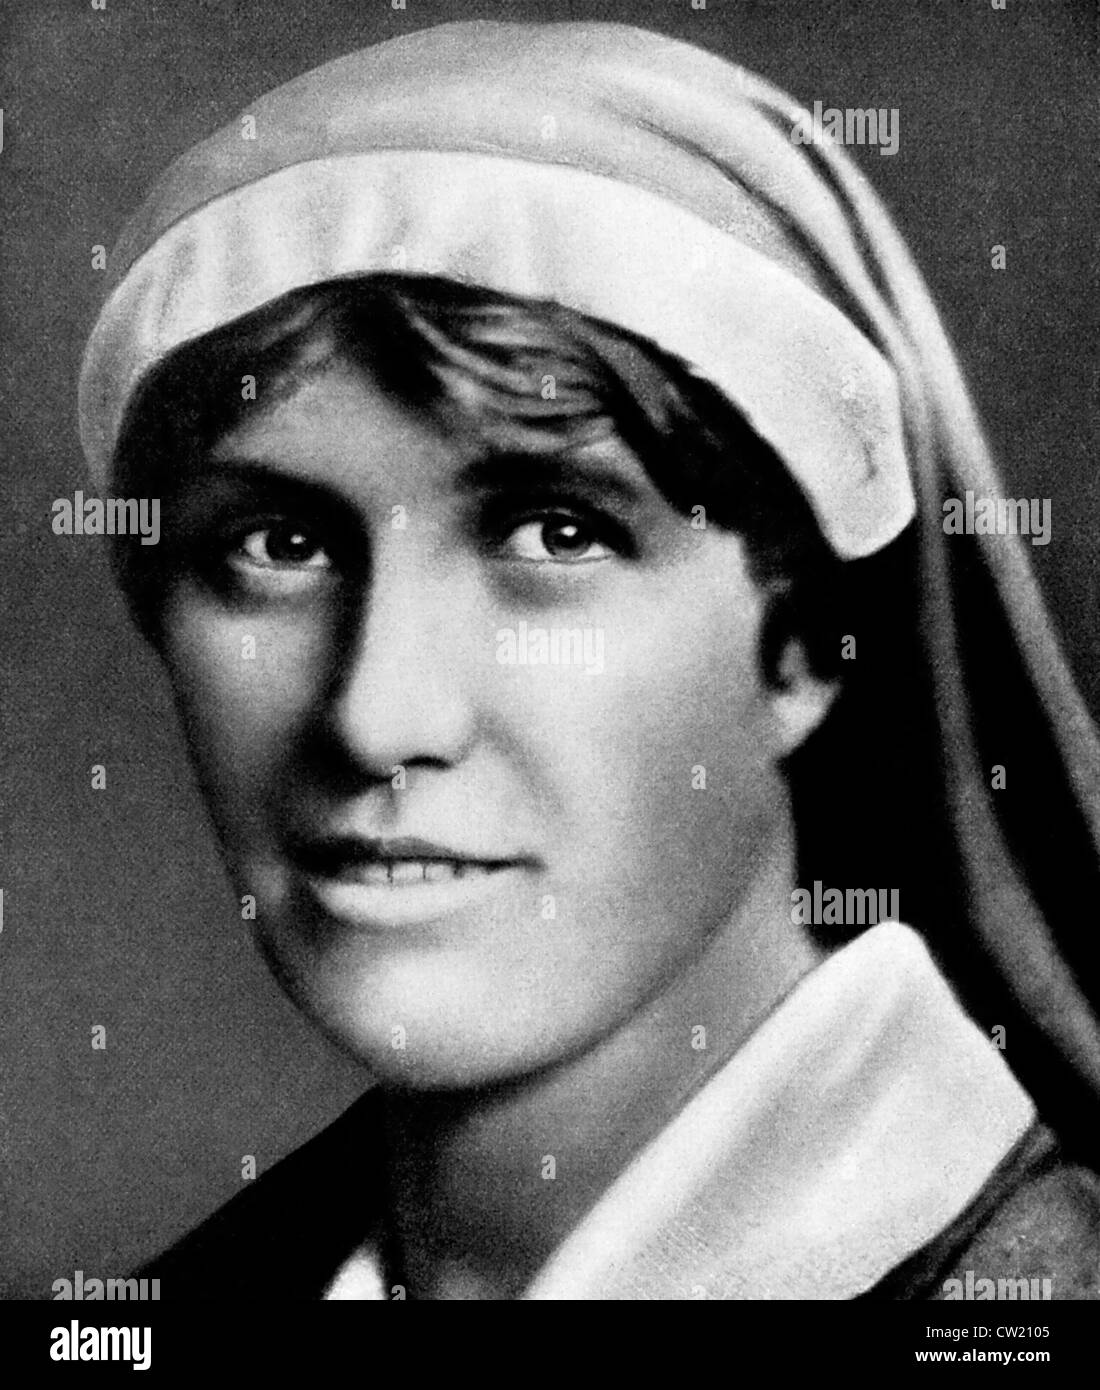 Elsa Brandström - Stock Image